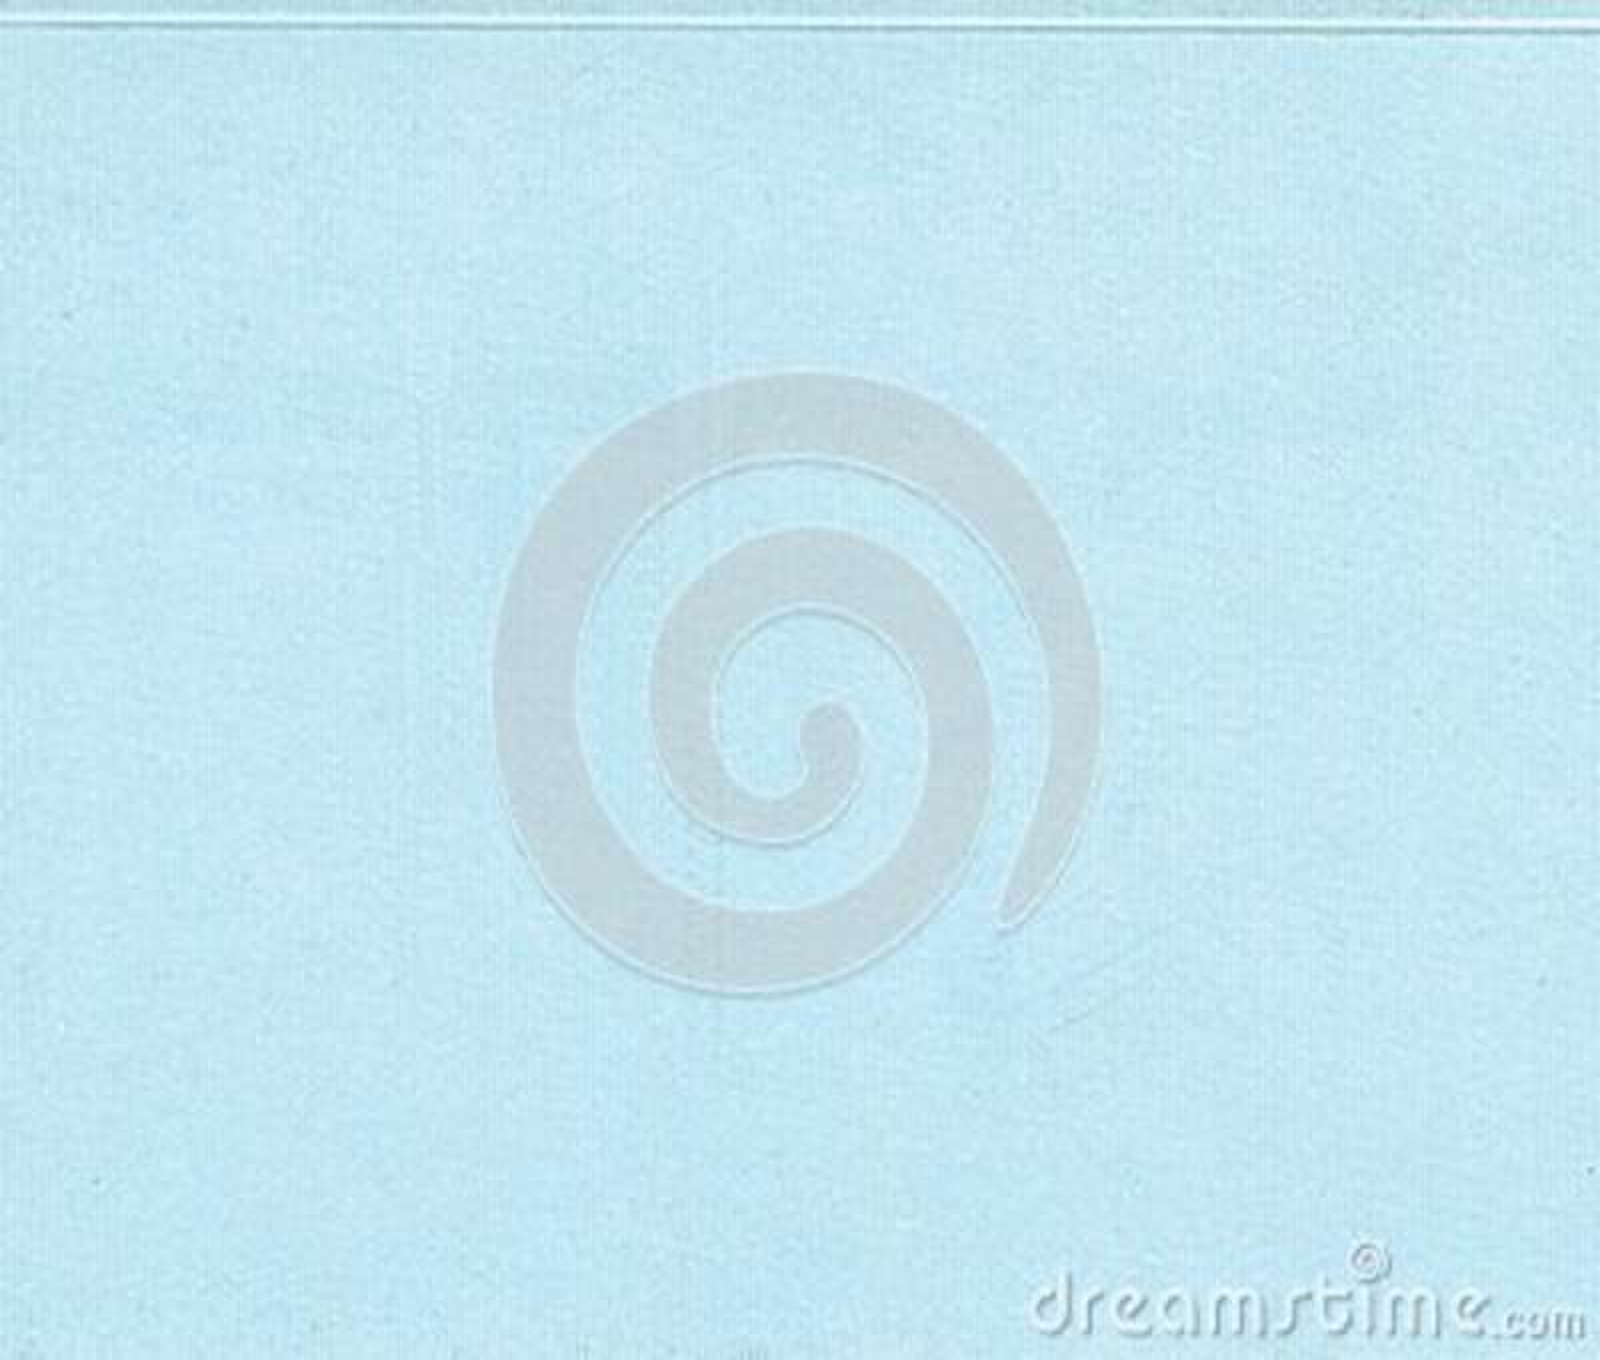 Свет - предпосылка голубой бумаги